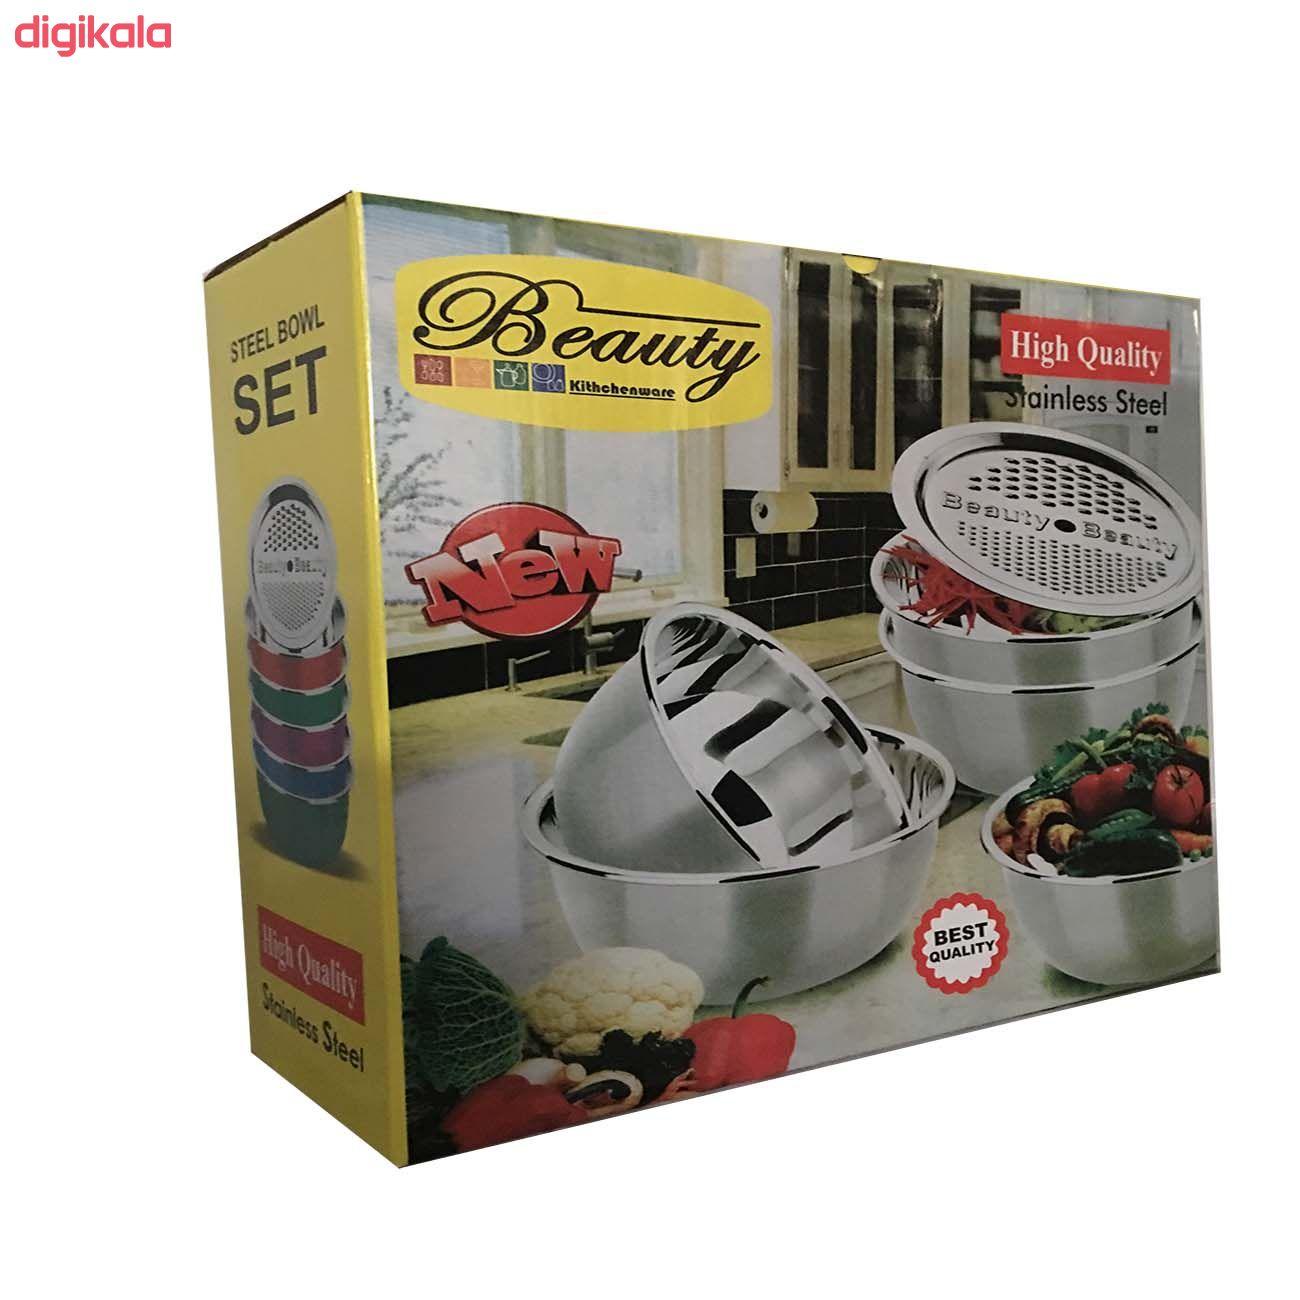 لگن آشپزخانه بیوتی مدل 5515 مجموعه 5 عددی  main 1 2